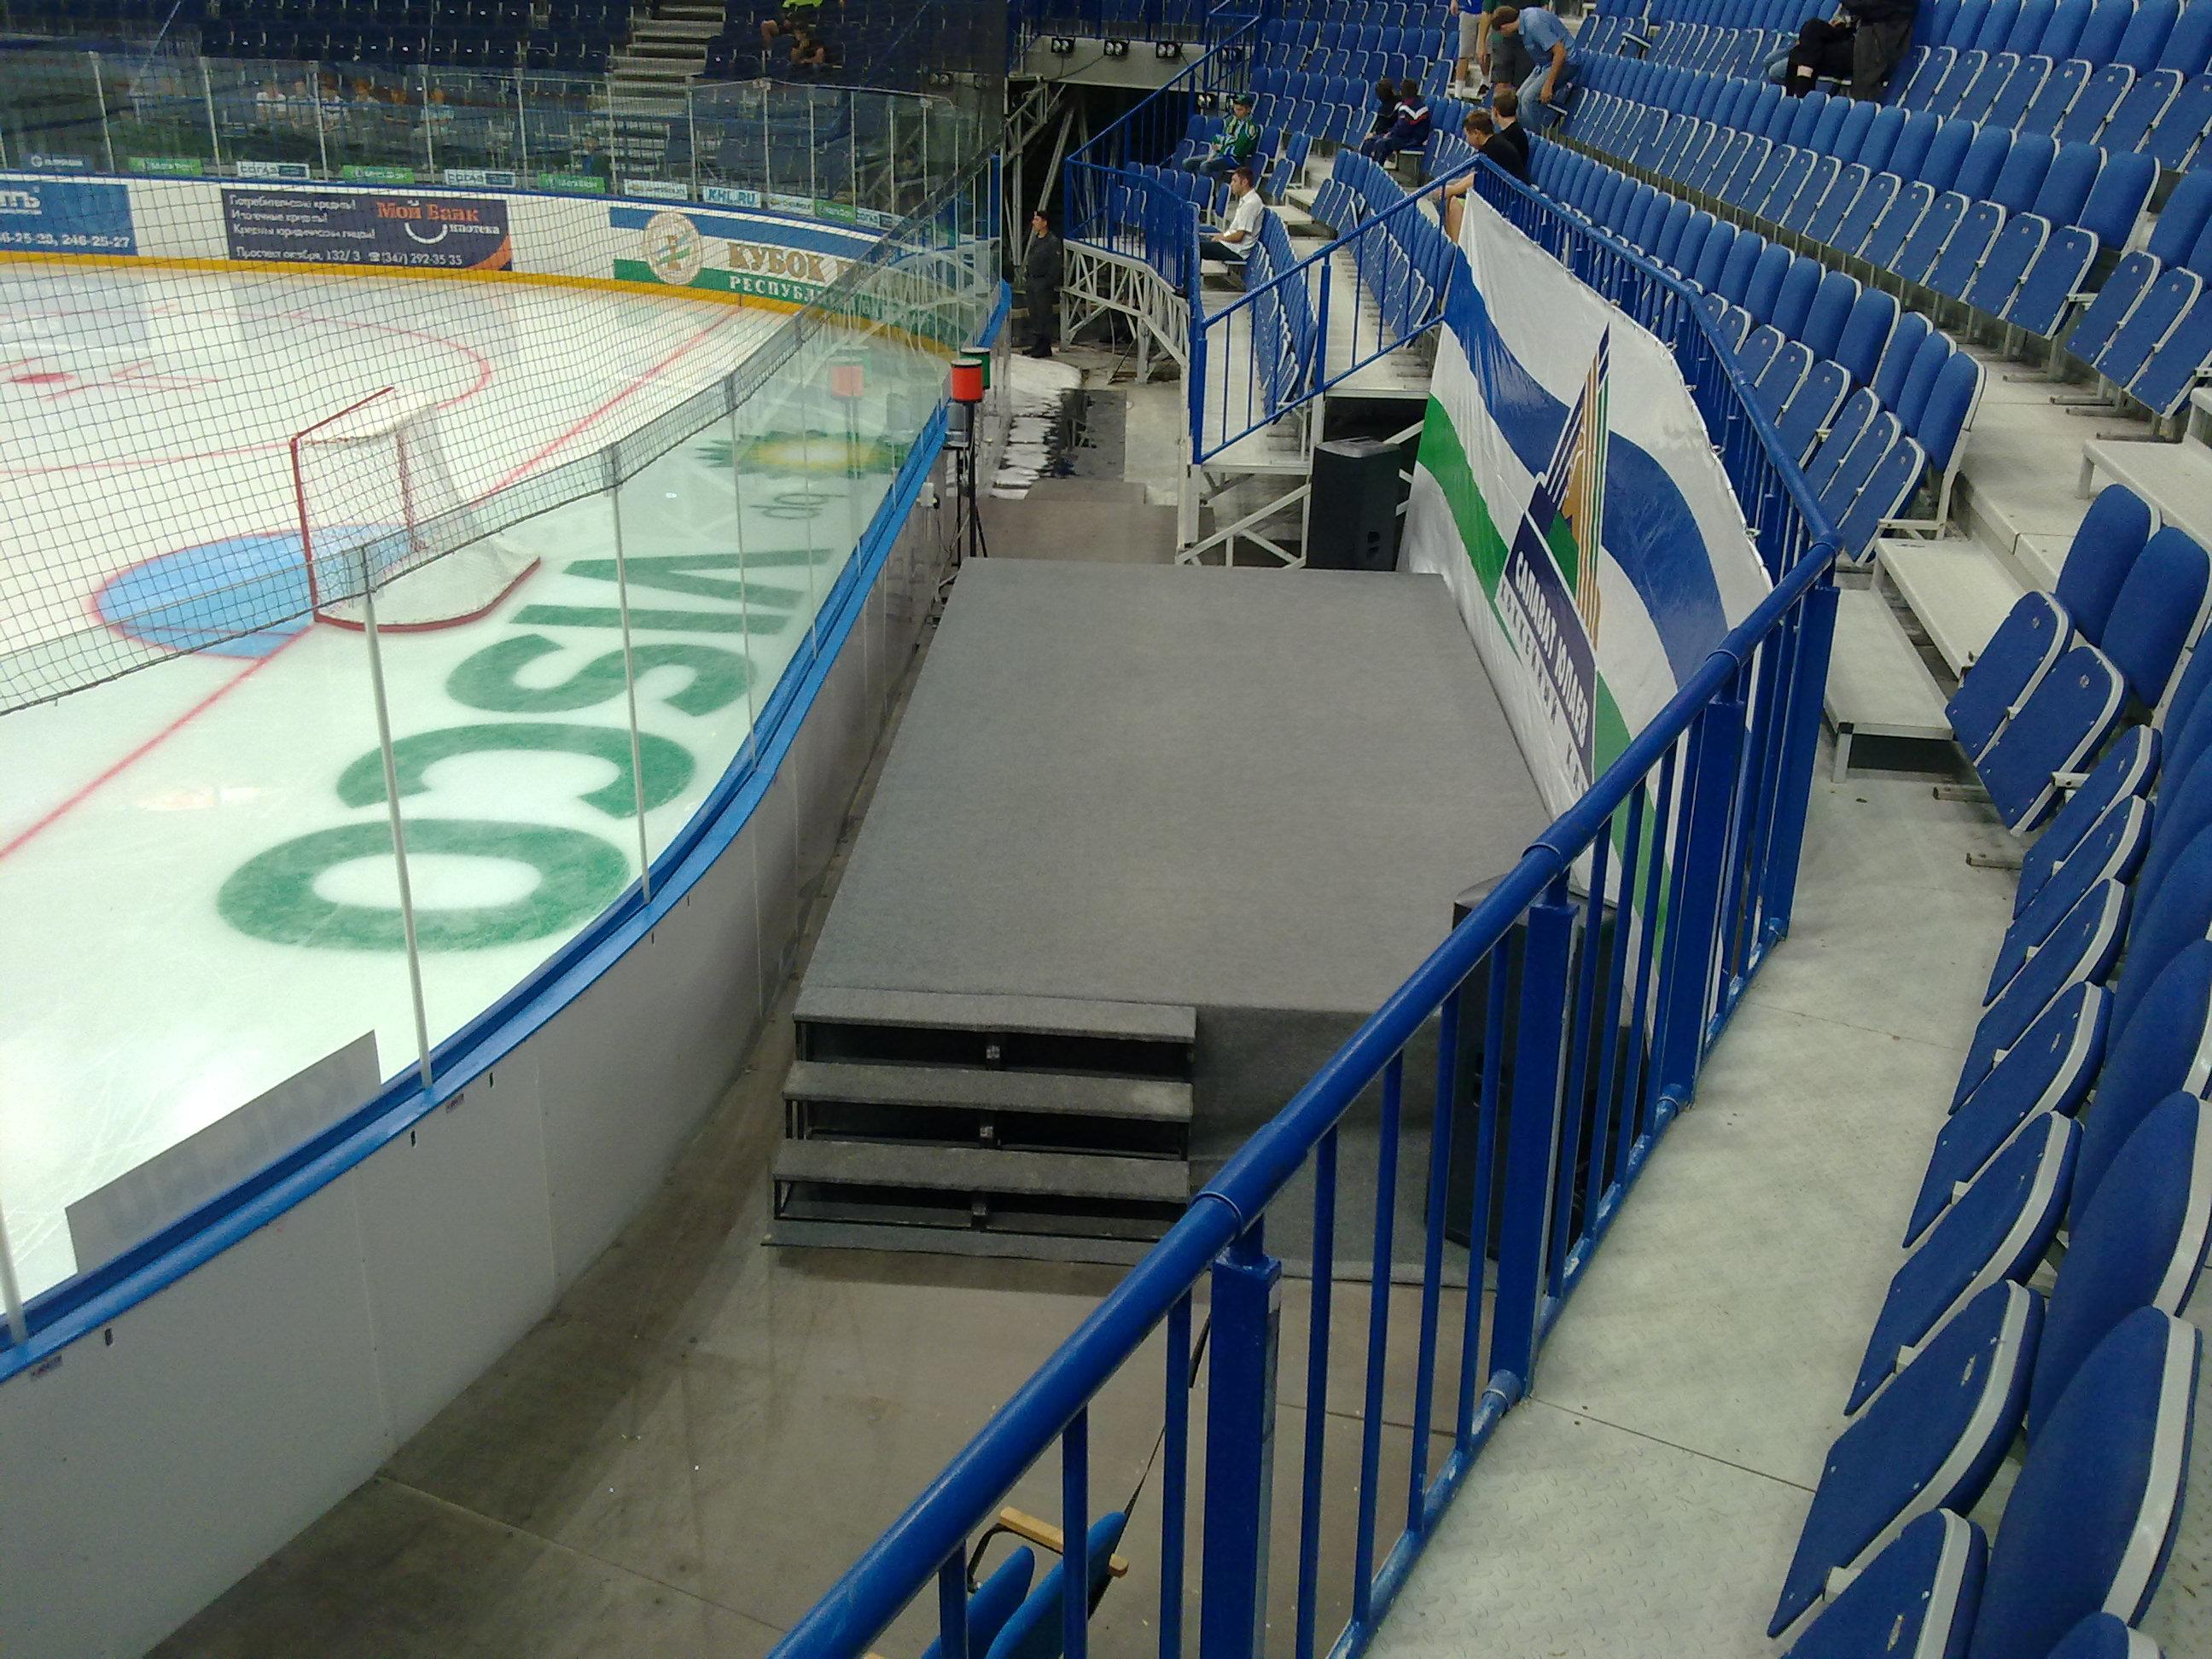 схема арены ледовый дворец череповец